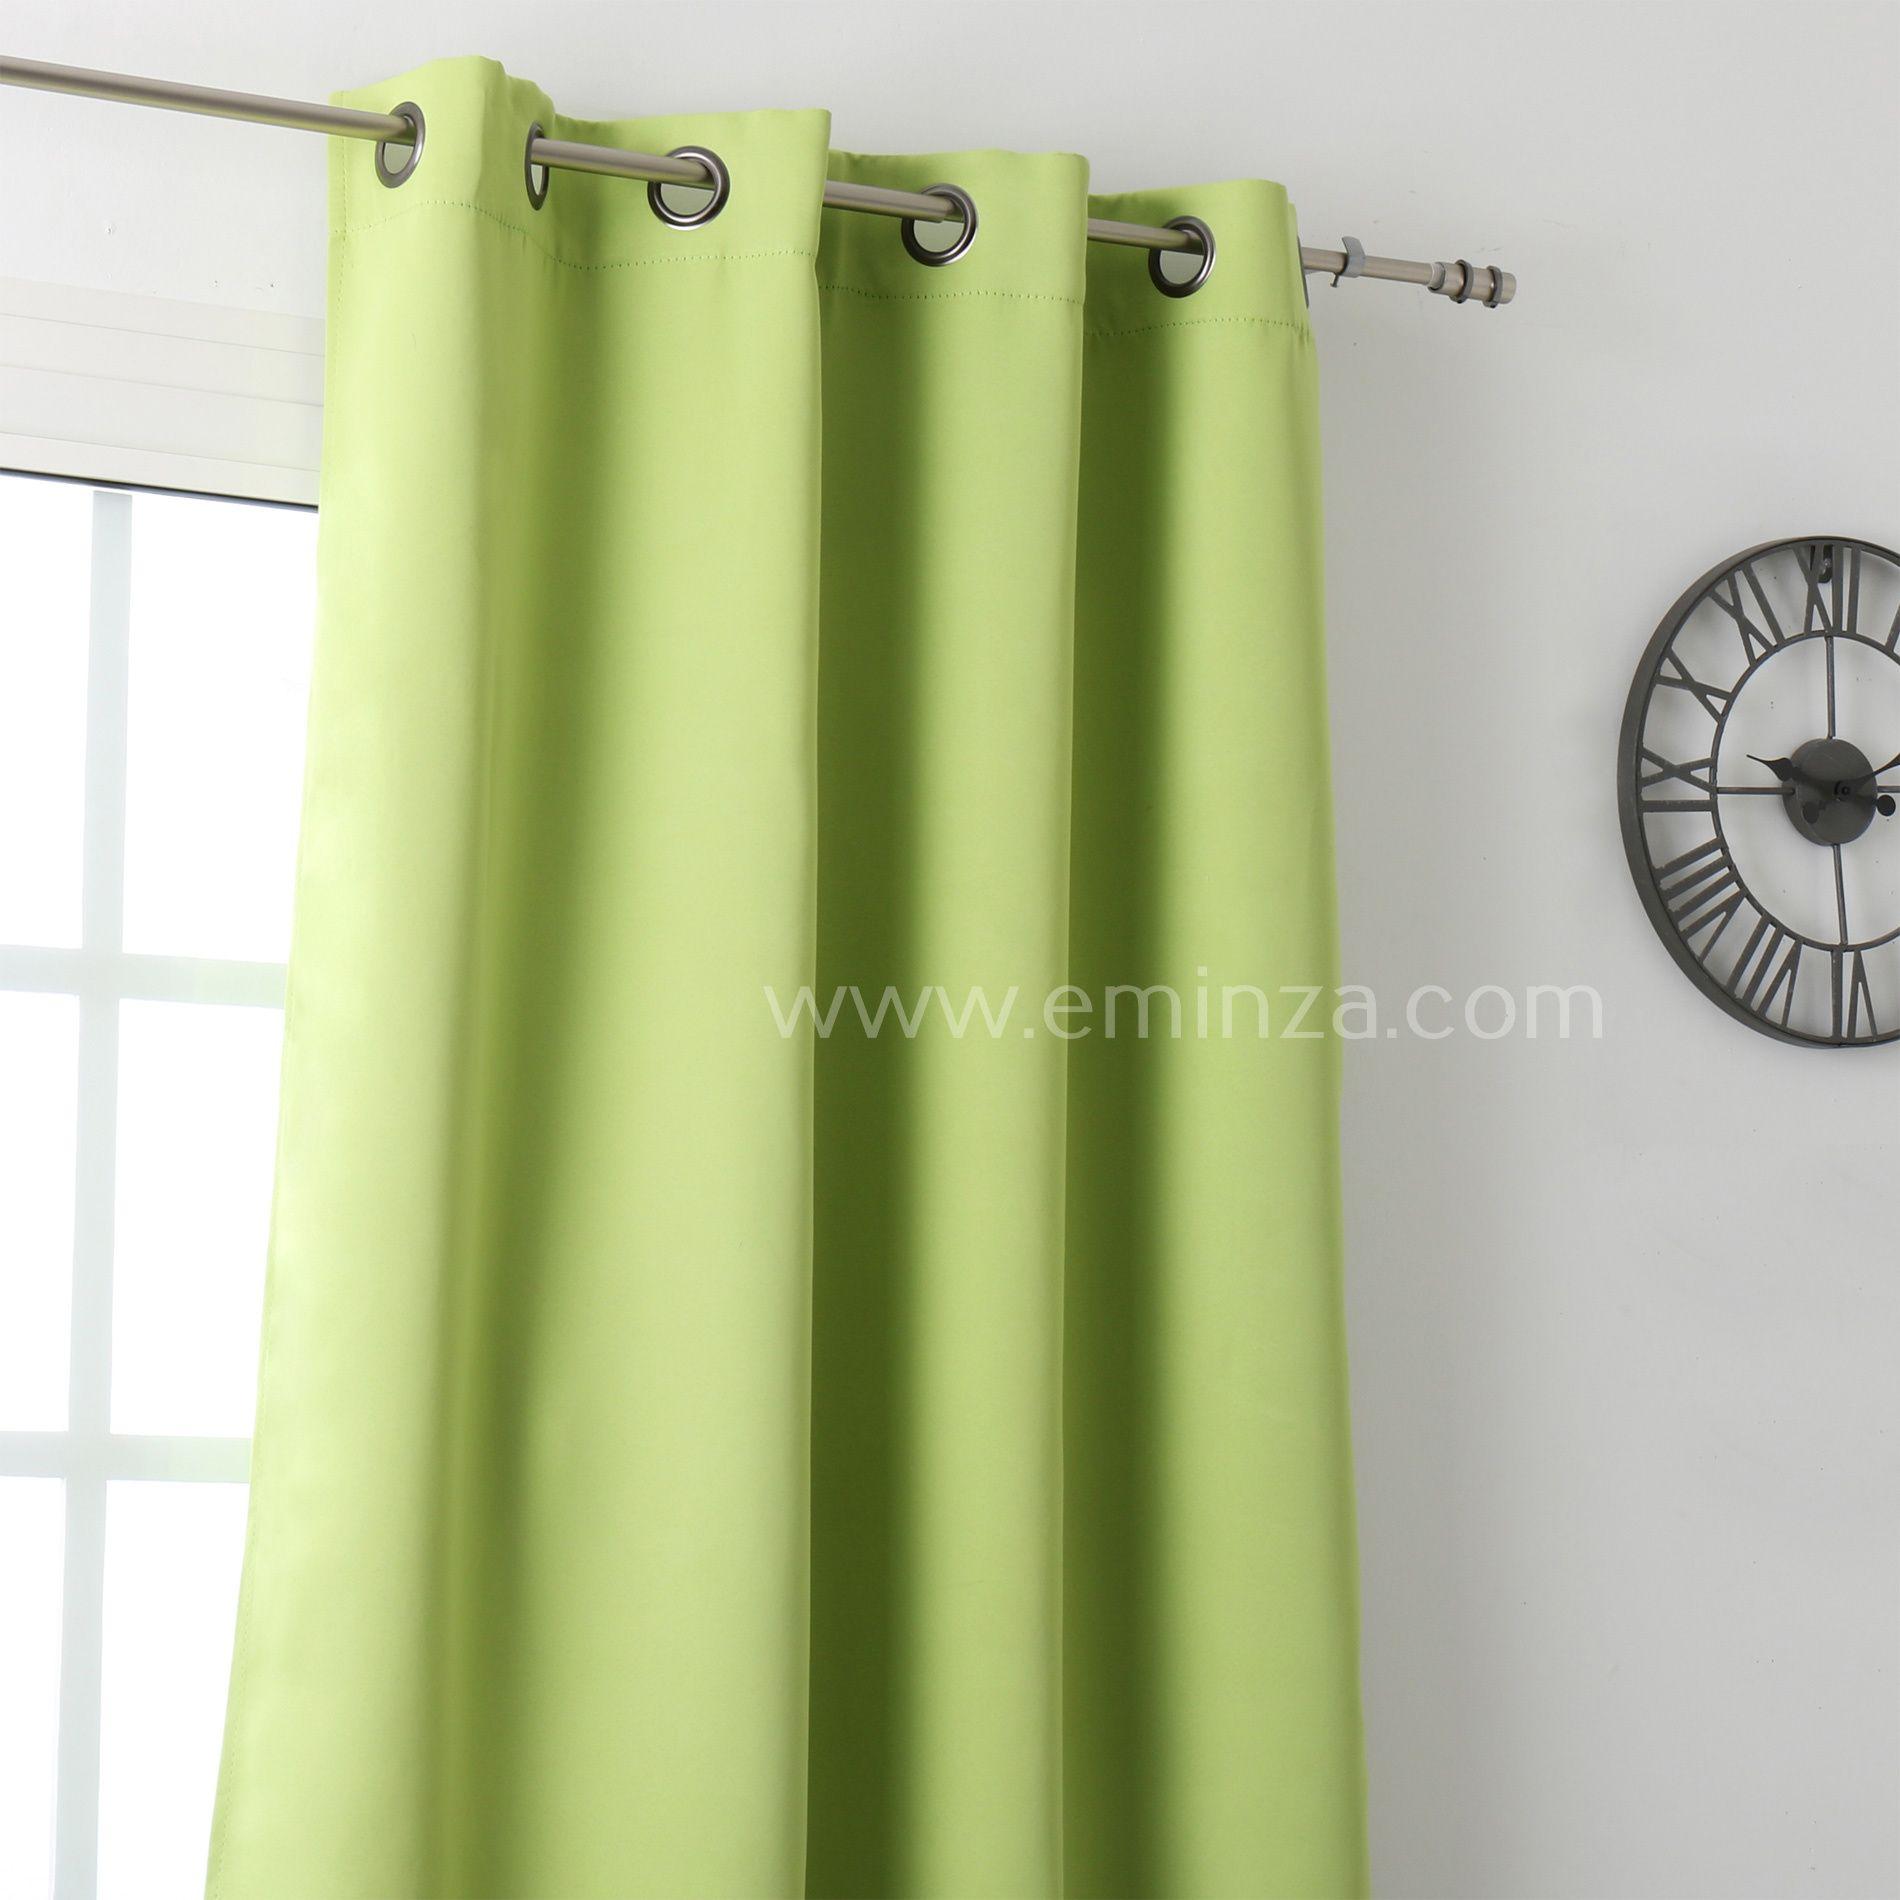 rideaux gris et vert anis rideaux vert anis et taupe with rideaux gris et vert anis great tout. Black Bedroom Furniture Sets. Home Design Ideas